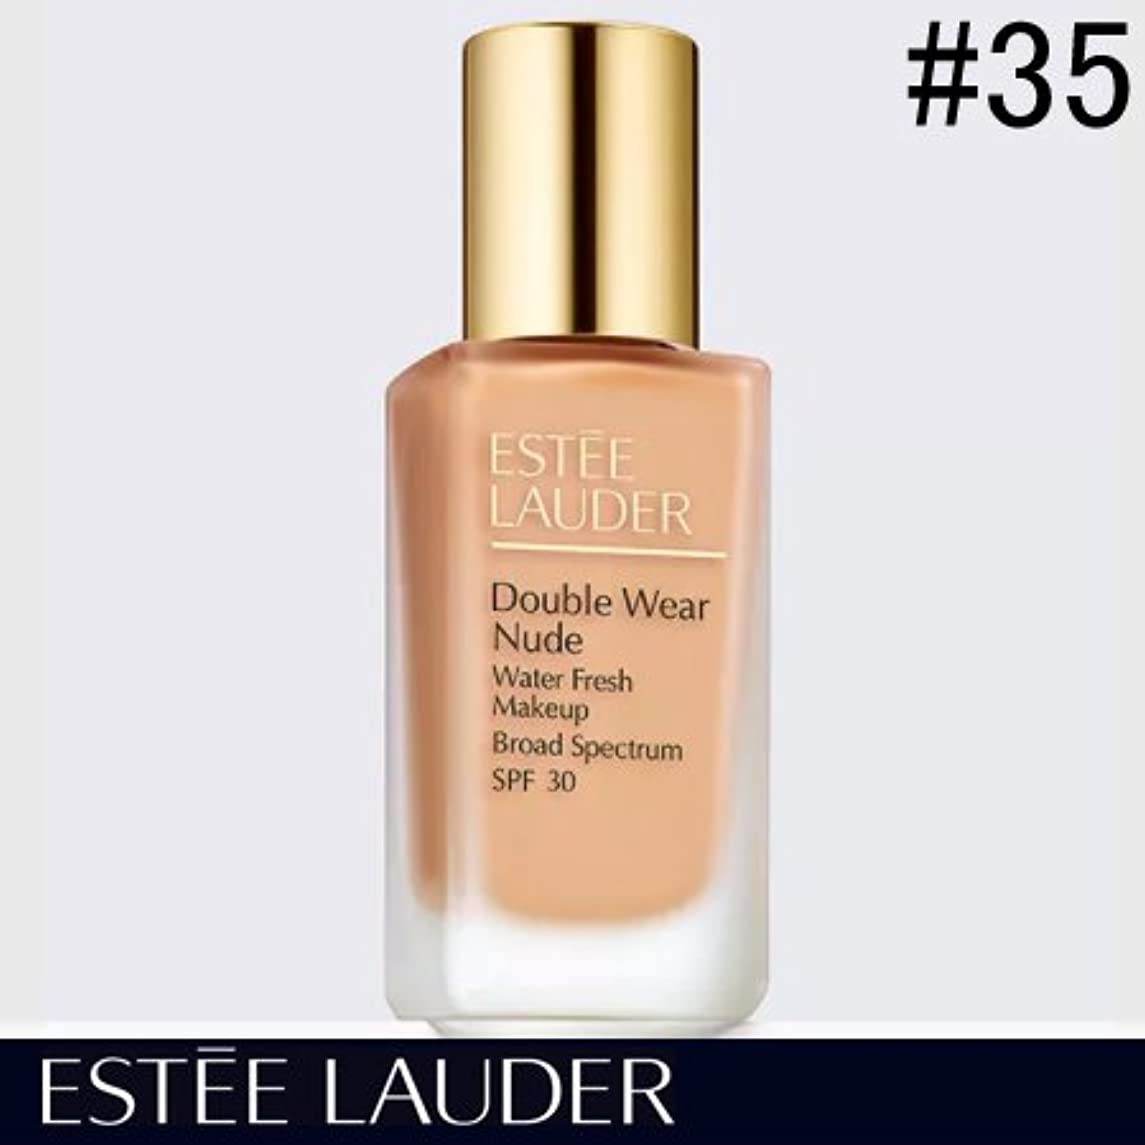 遺伝的備品怒りエスティローダー ダブル ウェア ヌード ウォーター フレッシュ メークアップ #35 サンド -ESTEE LAUDER-